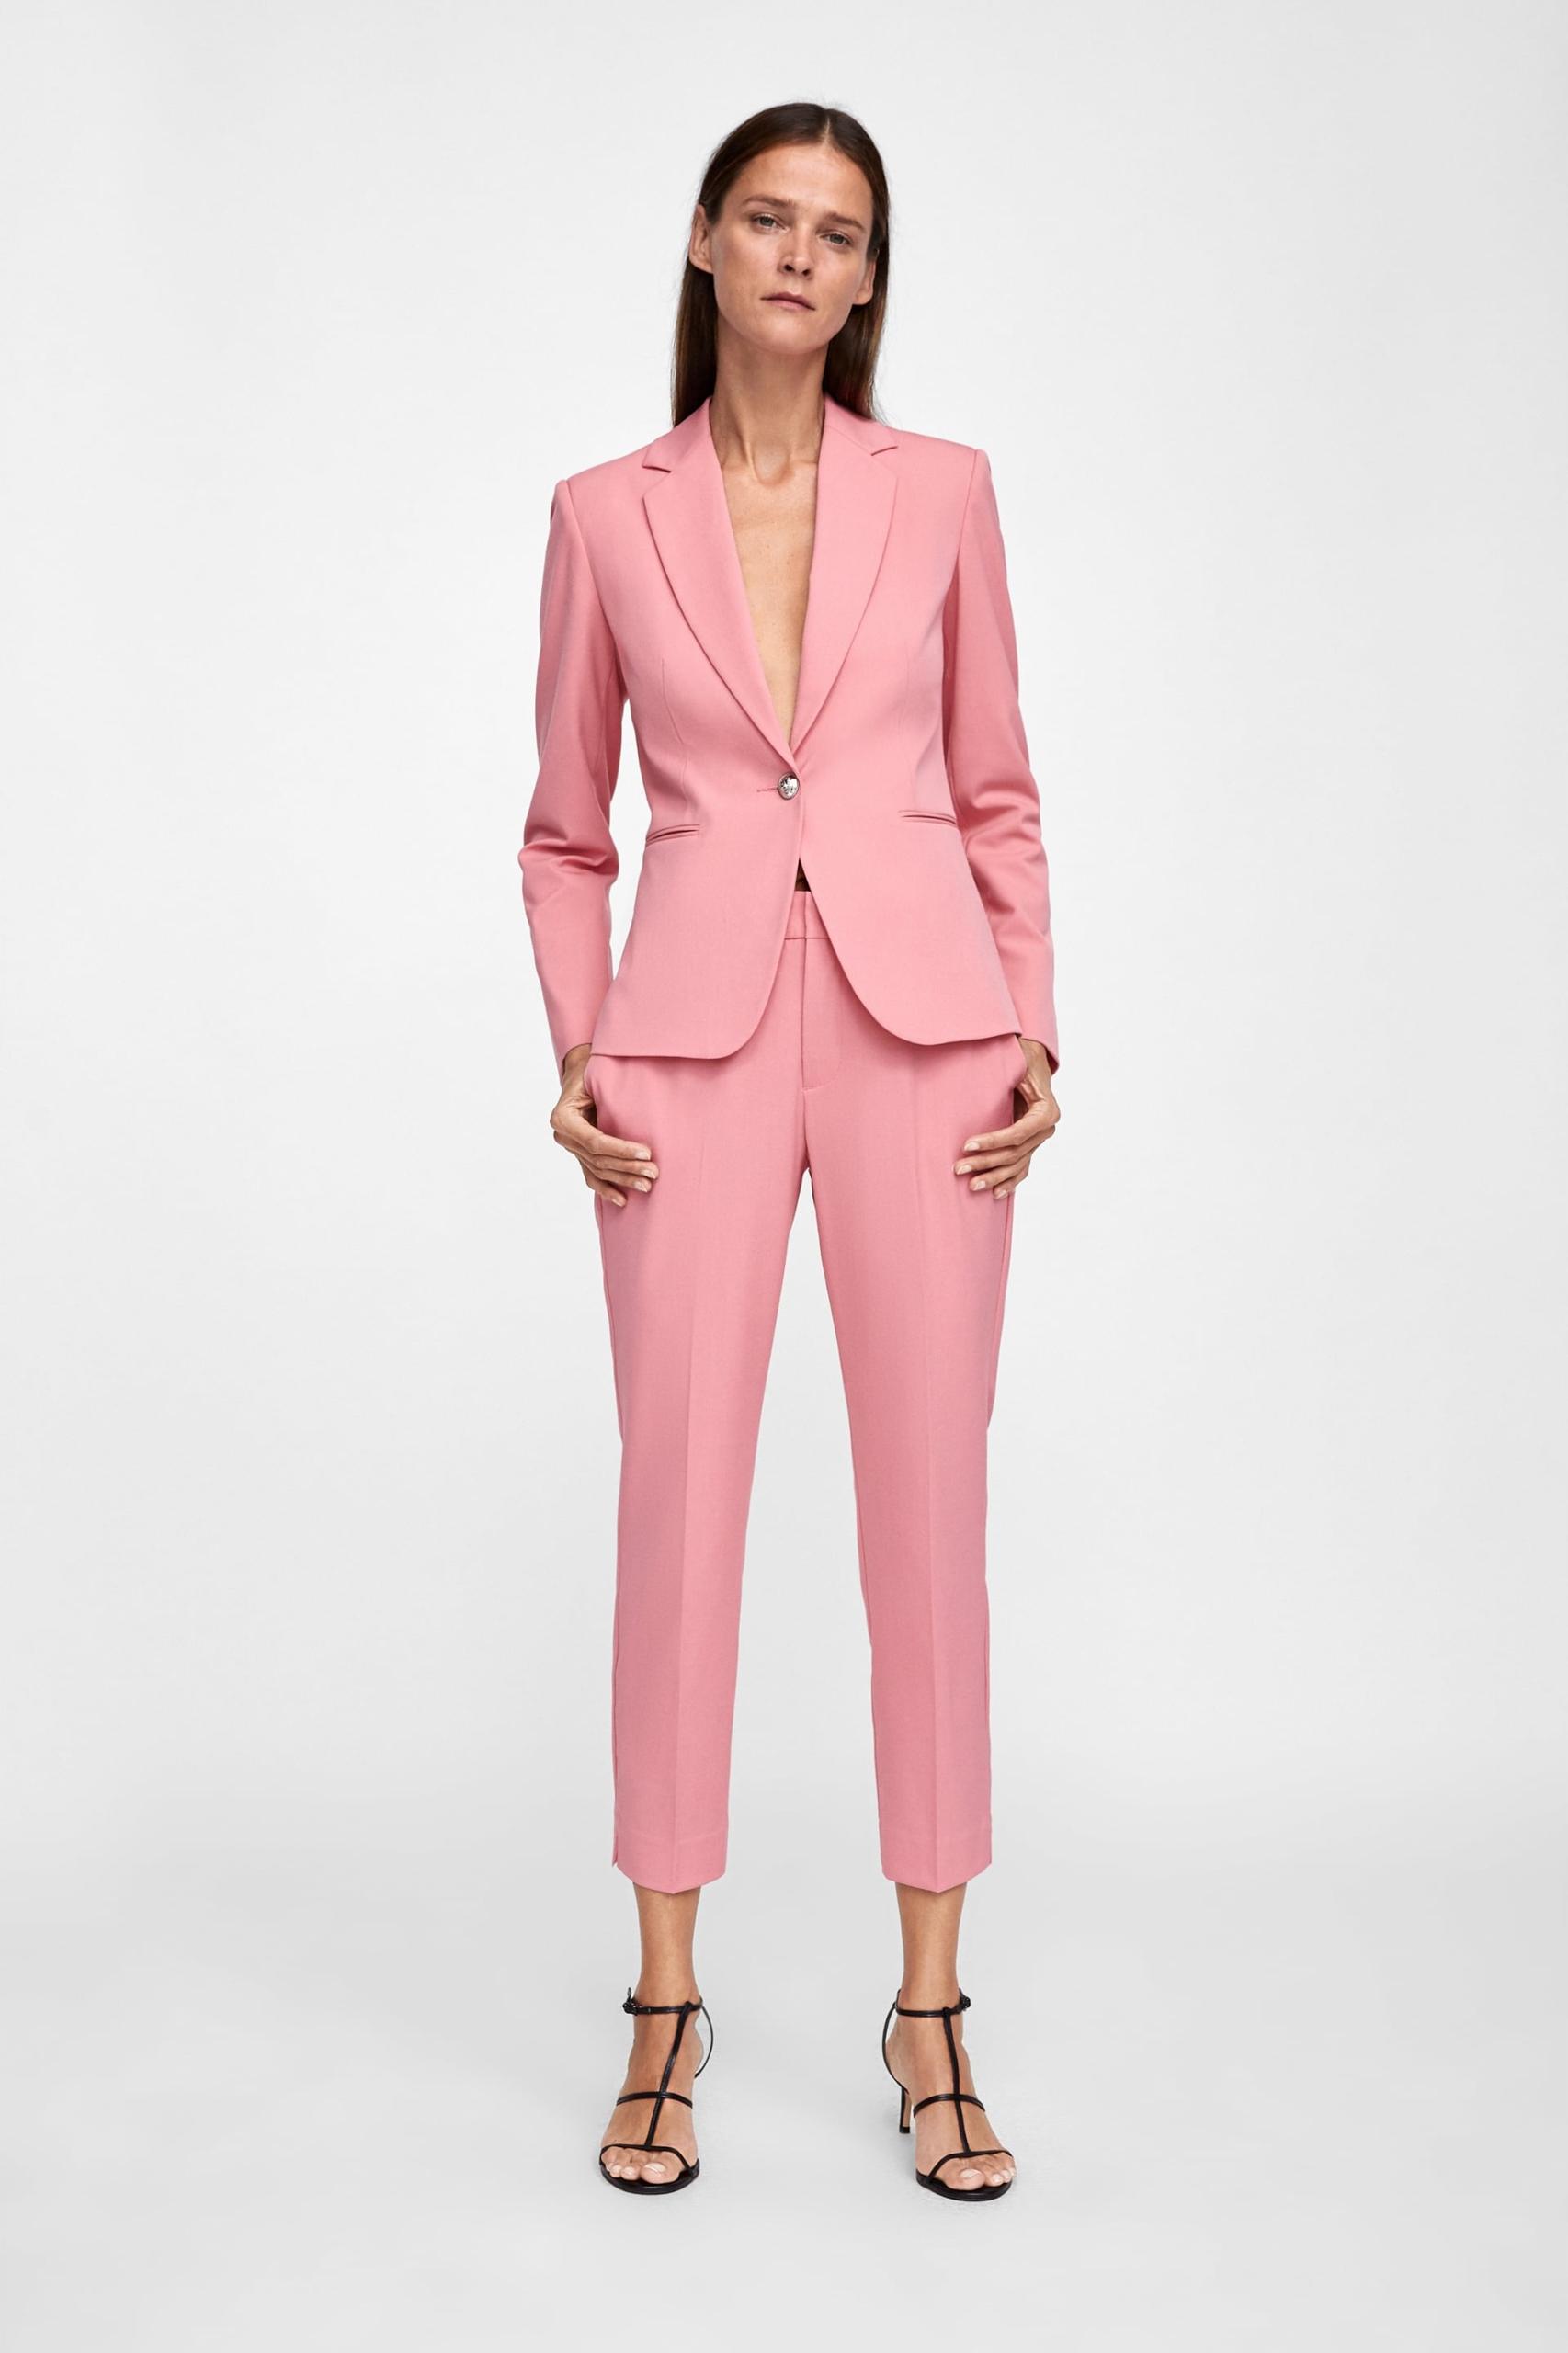 095bcec2c7 Luksusowy Komplet Pink Marynarka Spodnie - ZARA S - 7603788059 ...